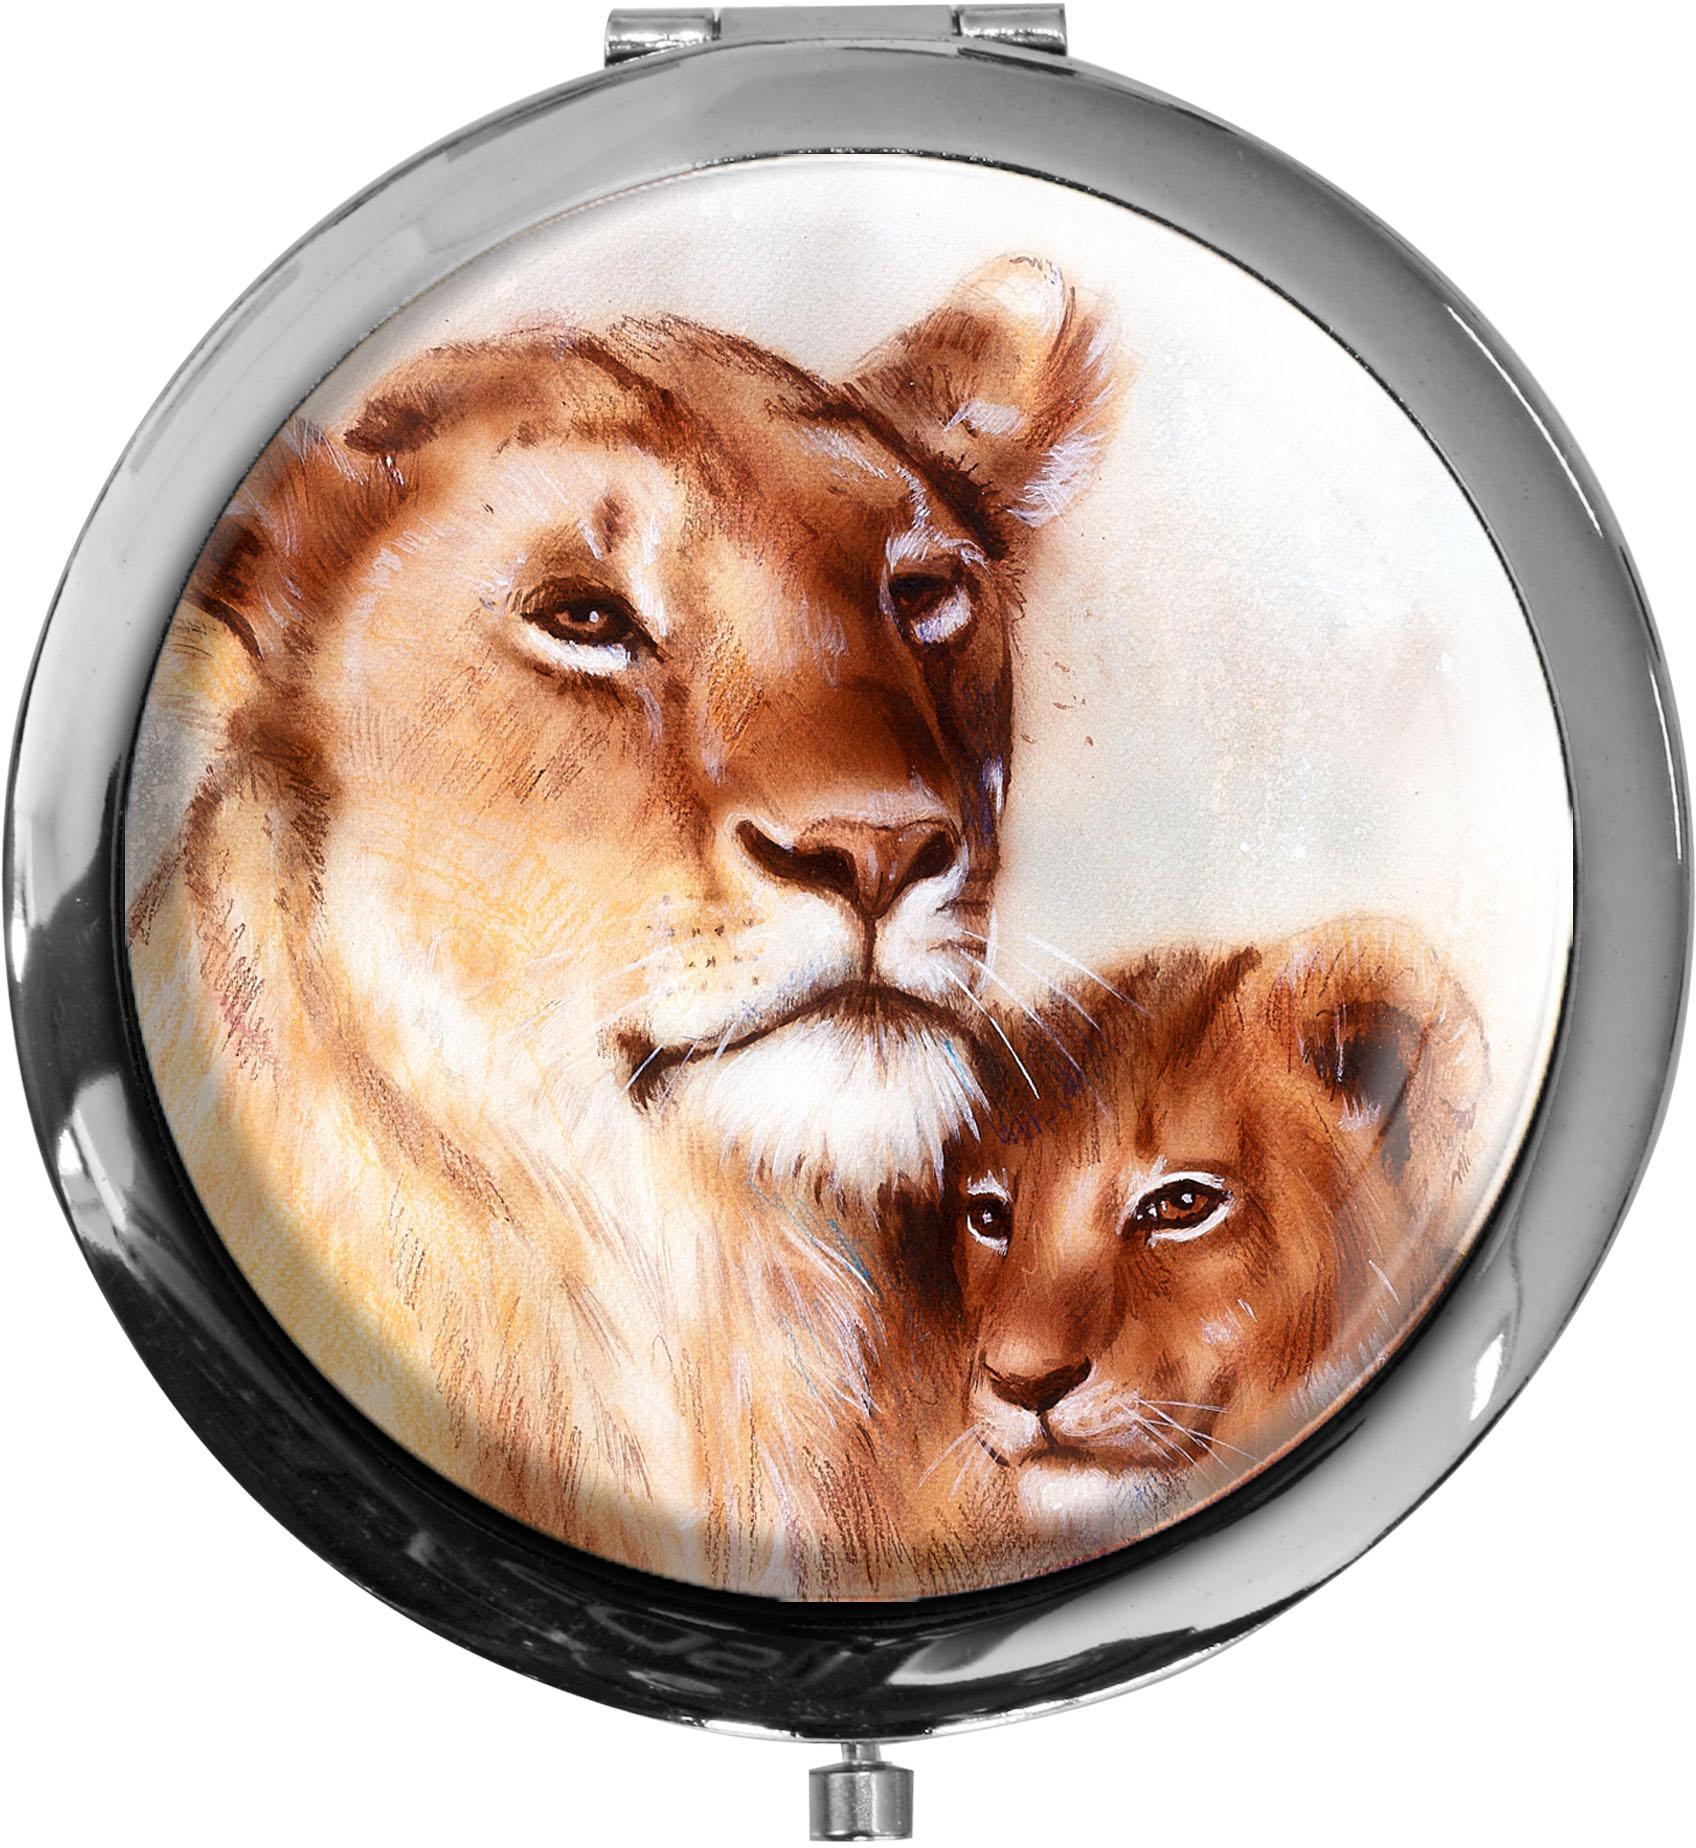 Taschenspiegel / Spiegel / Pumas